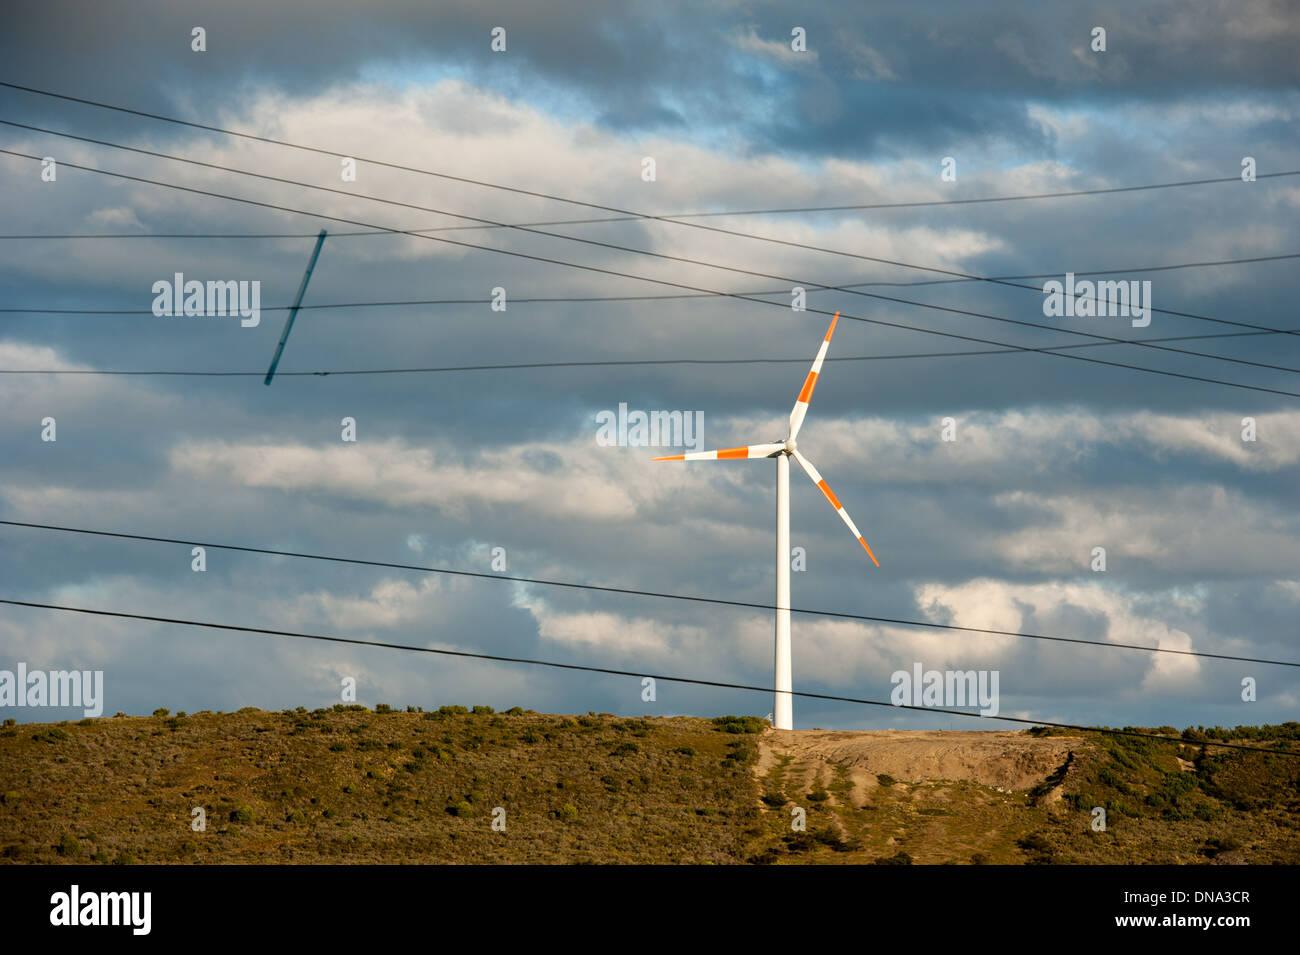 L'énergie éolienne et des lignes électriques, près de Punta Arenas, Chili Photo Stock